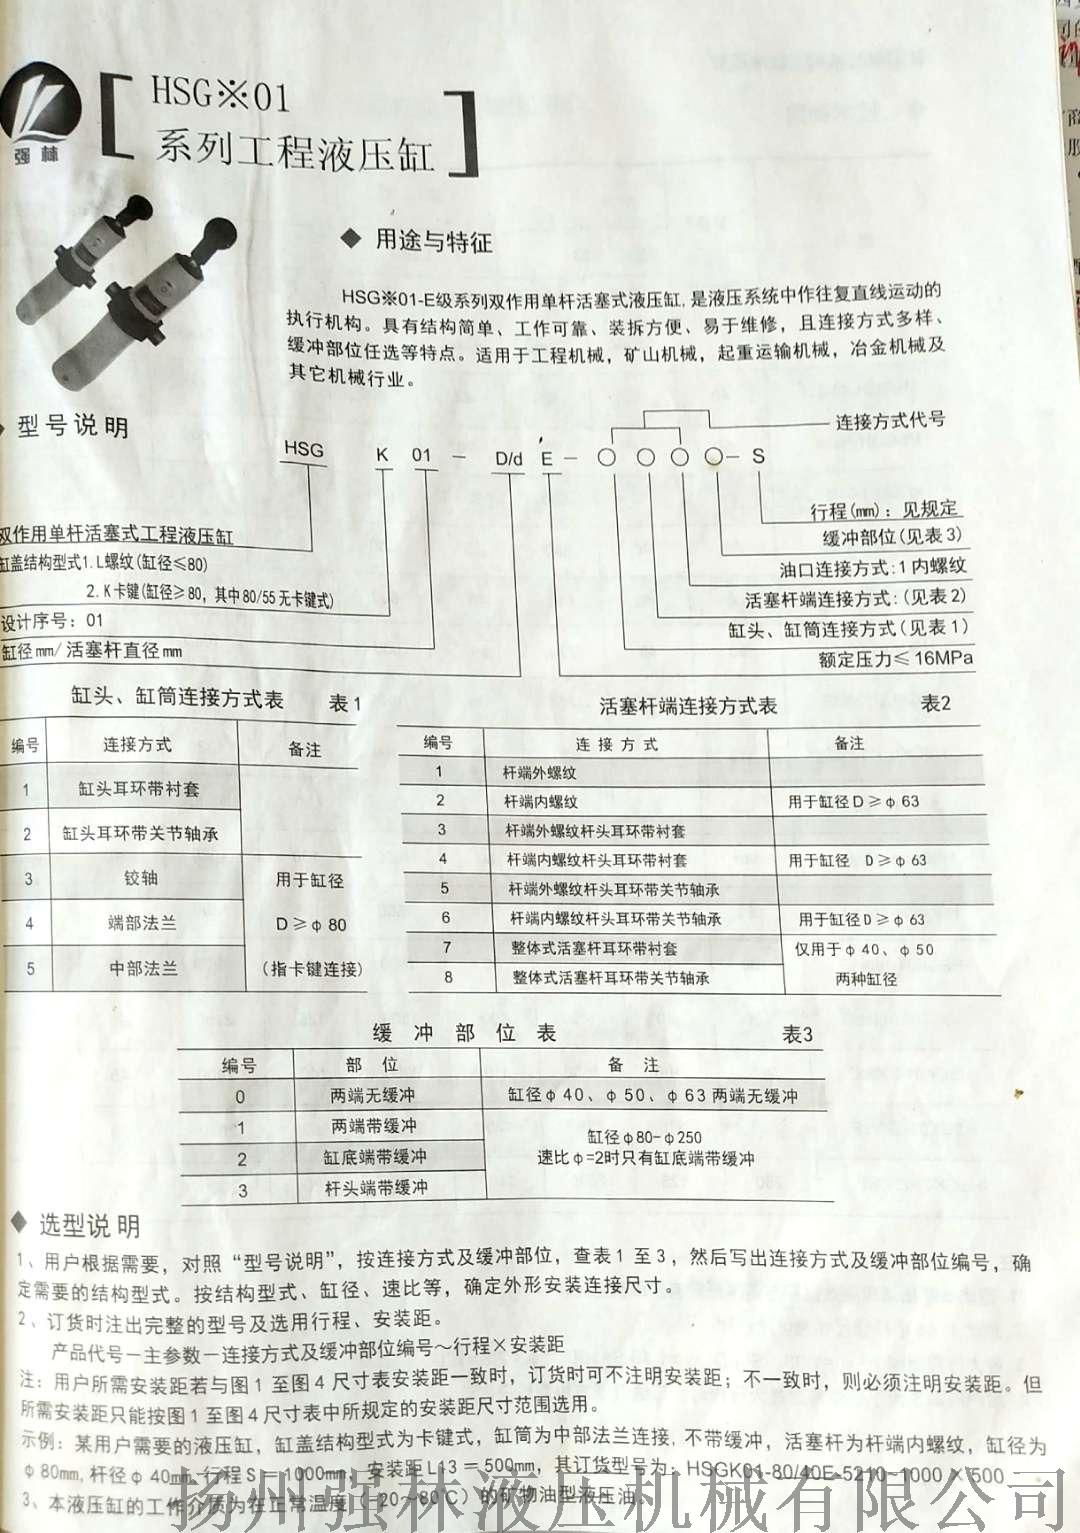 液压油缸设计 油缸制造 强林液压油缸维修服务111272725